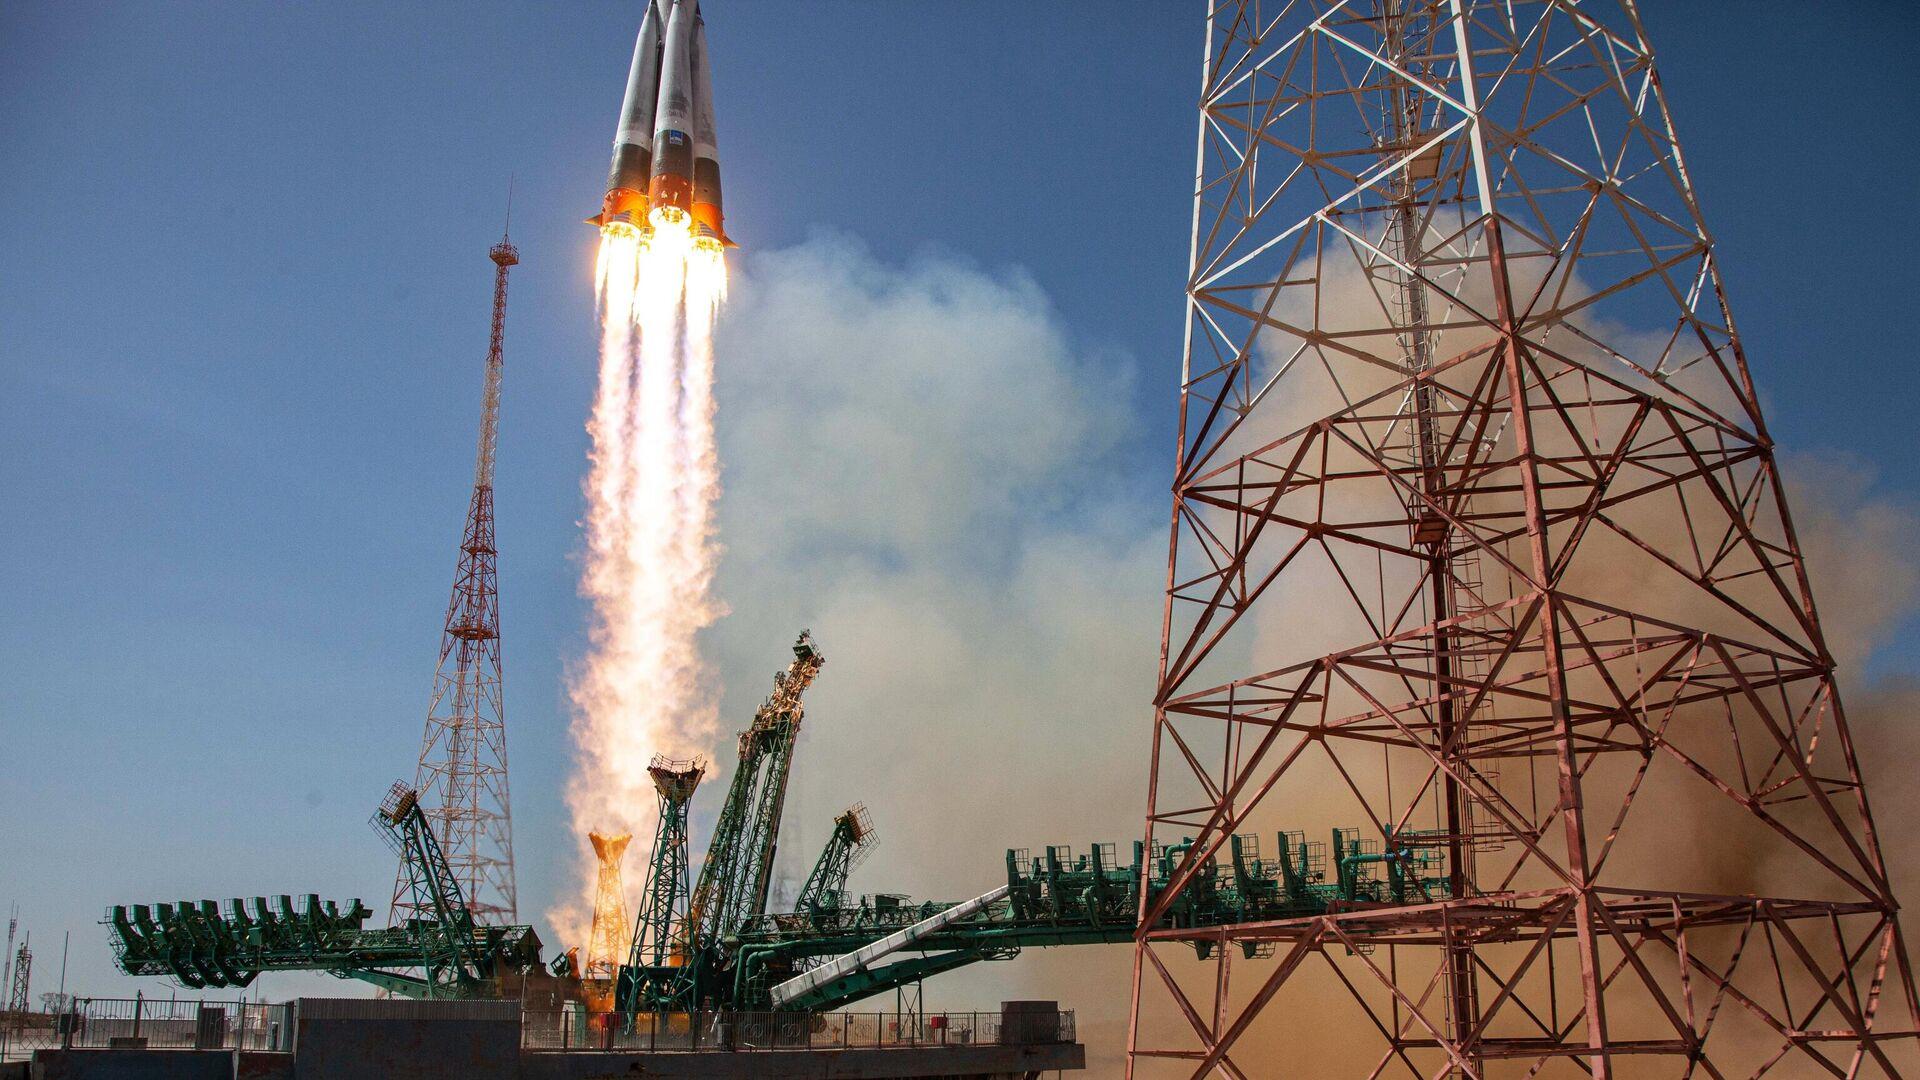 Запуск ракеты-носителя Союз-2.1а с кораблем Союз МС-18 с космодрома Байконур - РИА Новости, 1920, 23.04.2021